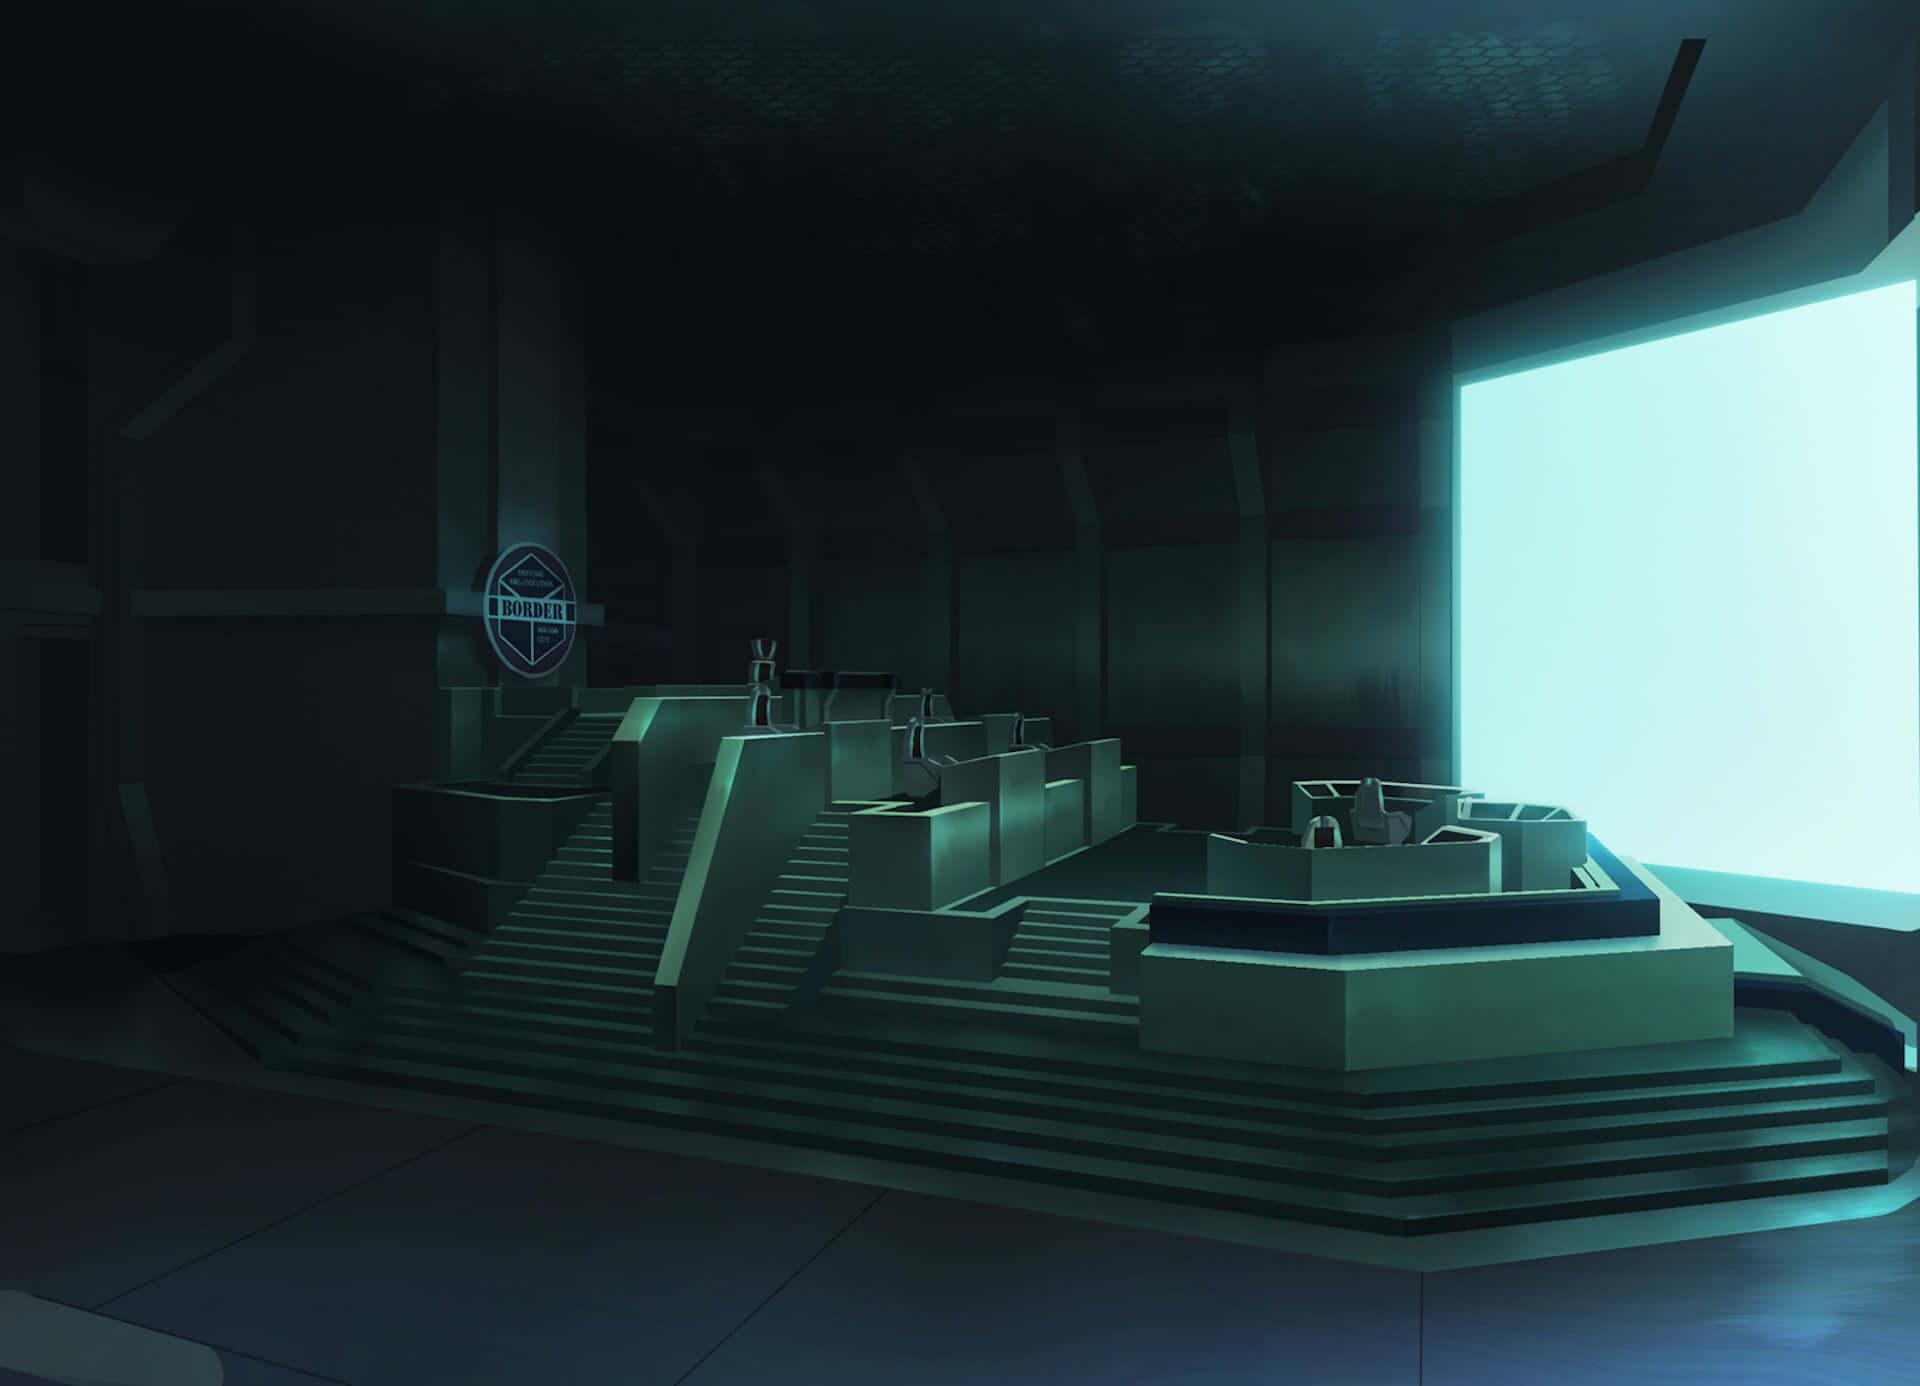 明日公開の『ワールドトリガー 2ndシーズン』より米屋、二宮、忍田本部長らが躍動する新場面写真が到着!貴重な美術設定画も一部初解禁 film201224_worldtrigger_11-1920x1386